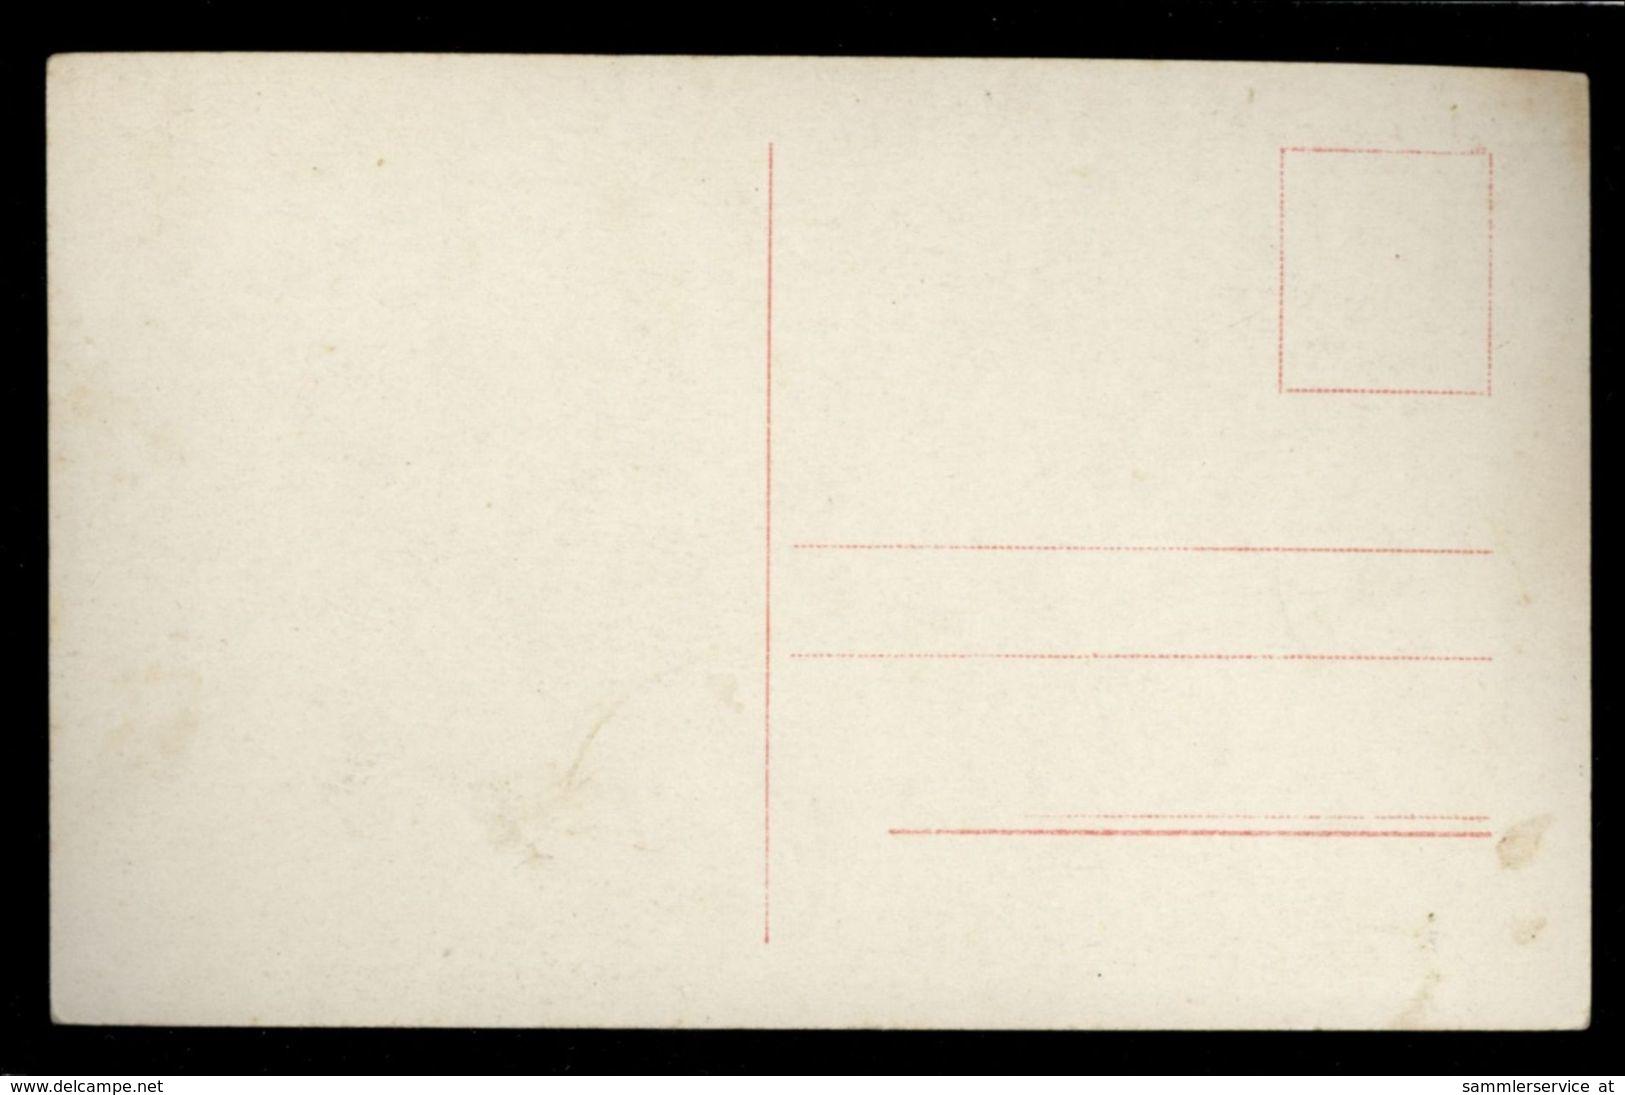 [015] Pferde-Karte 237, Pferd Mit Walter Slezak, ~1930, Ross-Verlag Berlin - Pferde